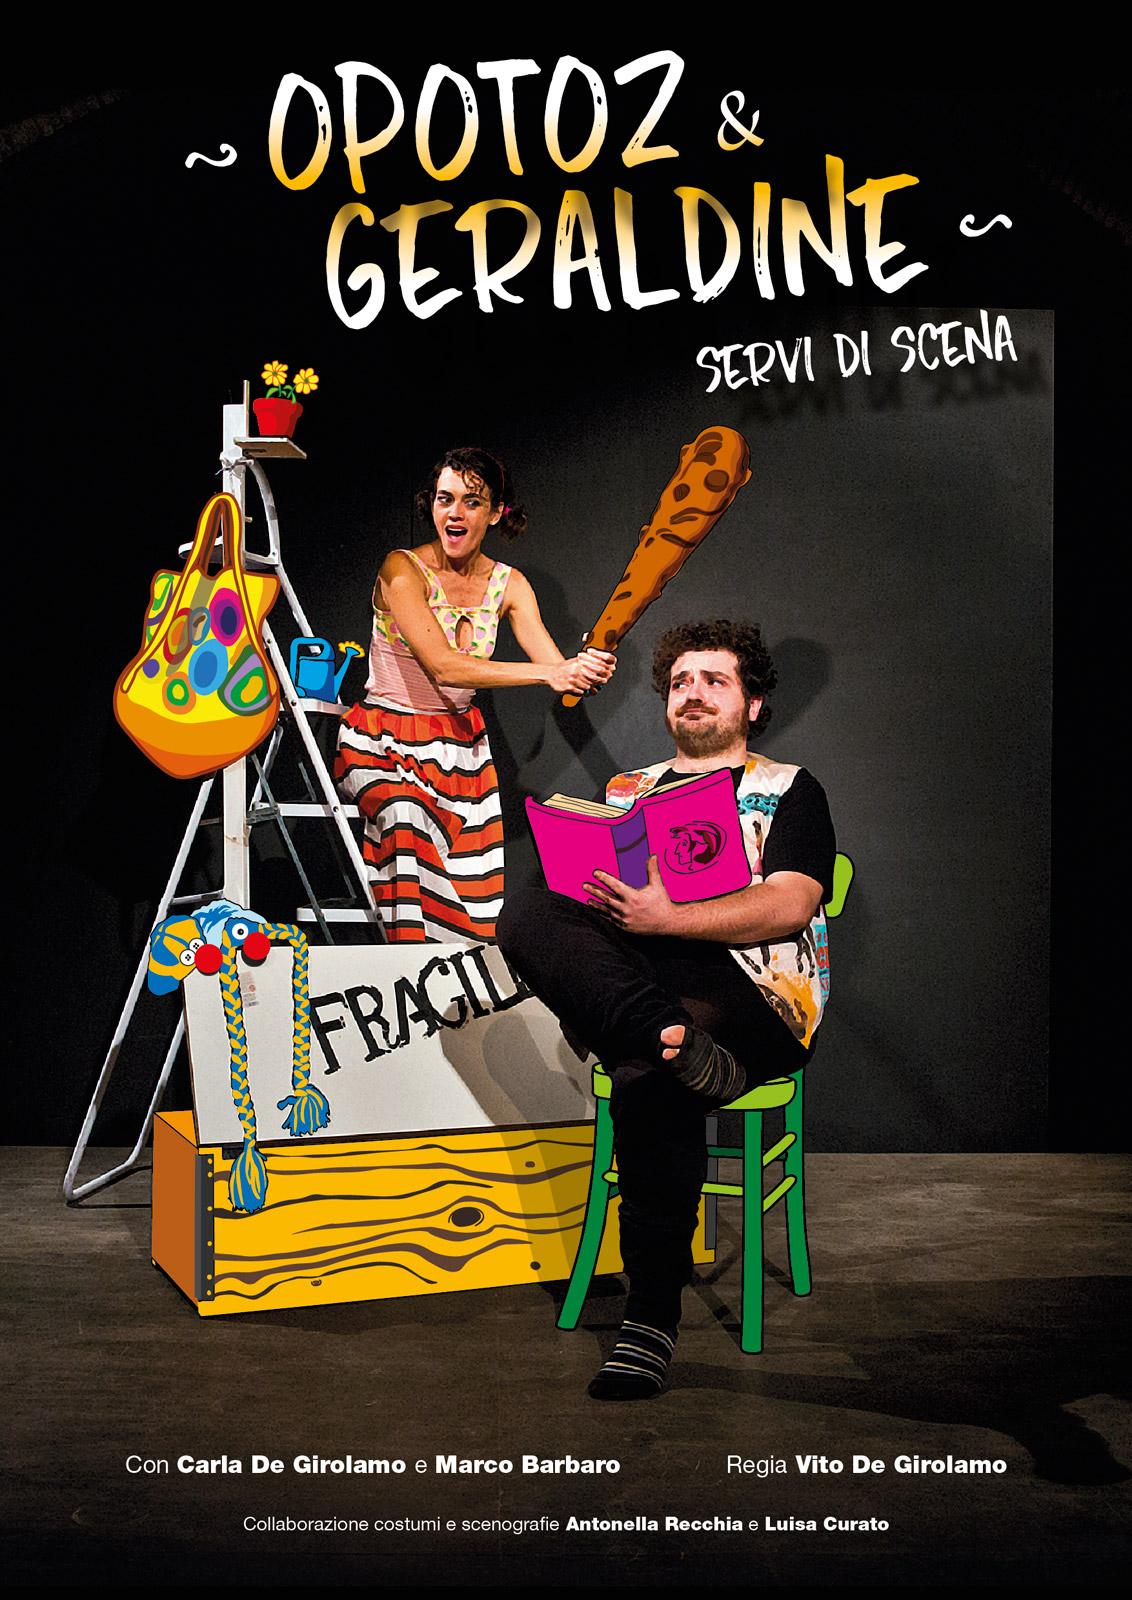 locandina-ozopot-e-geraldine-02